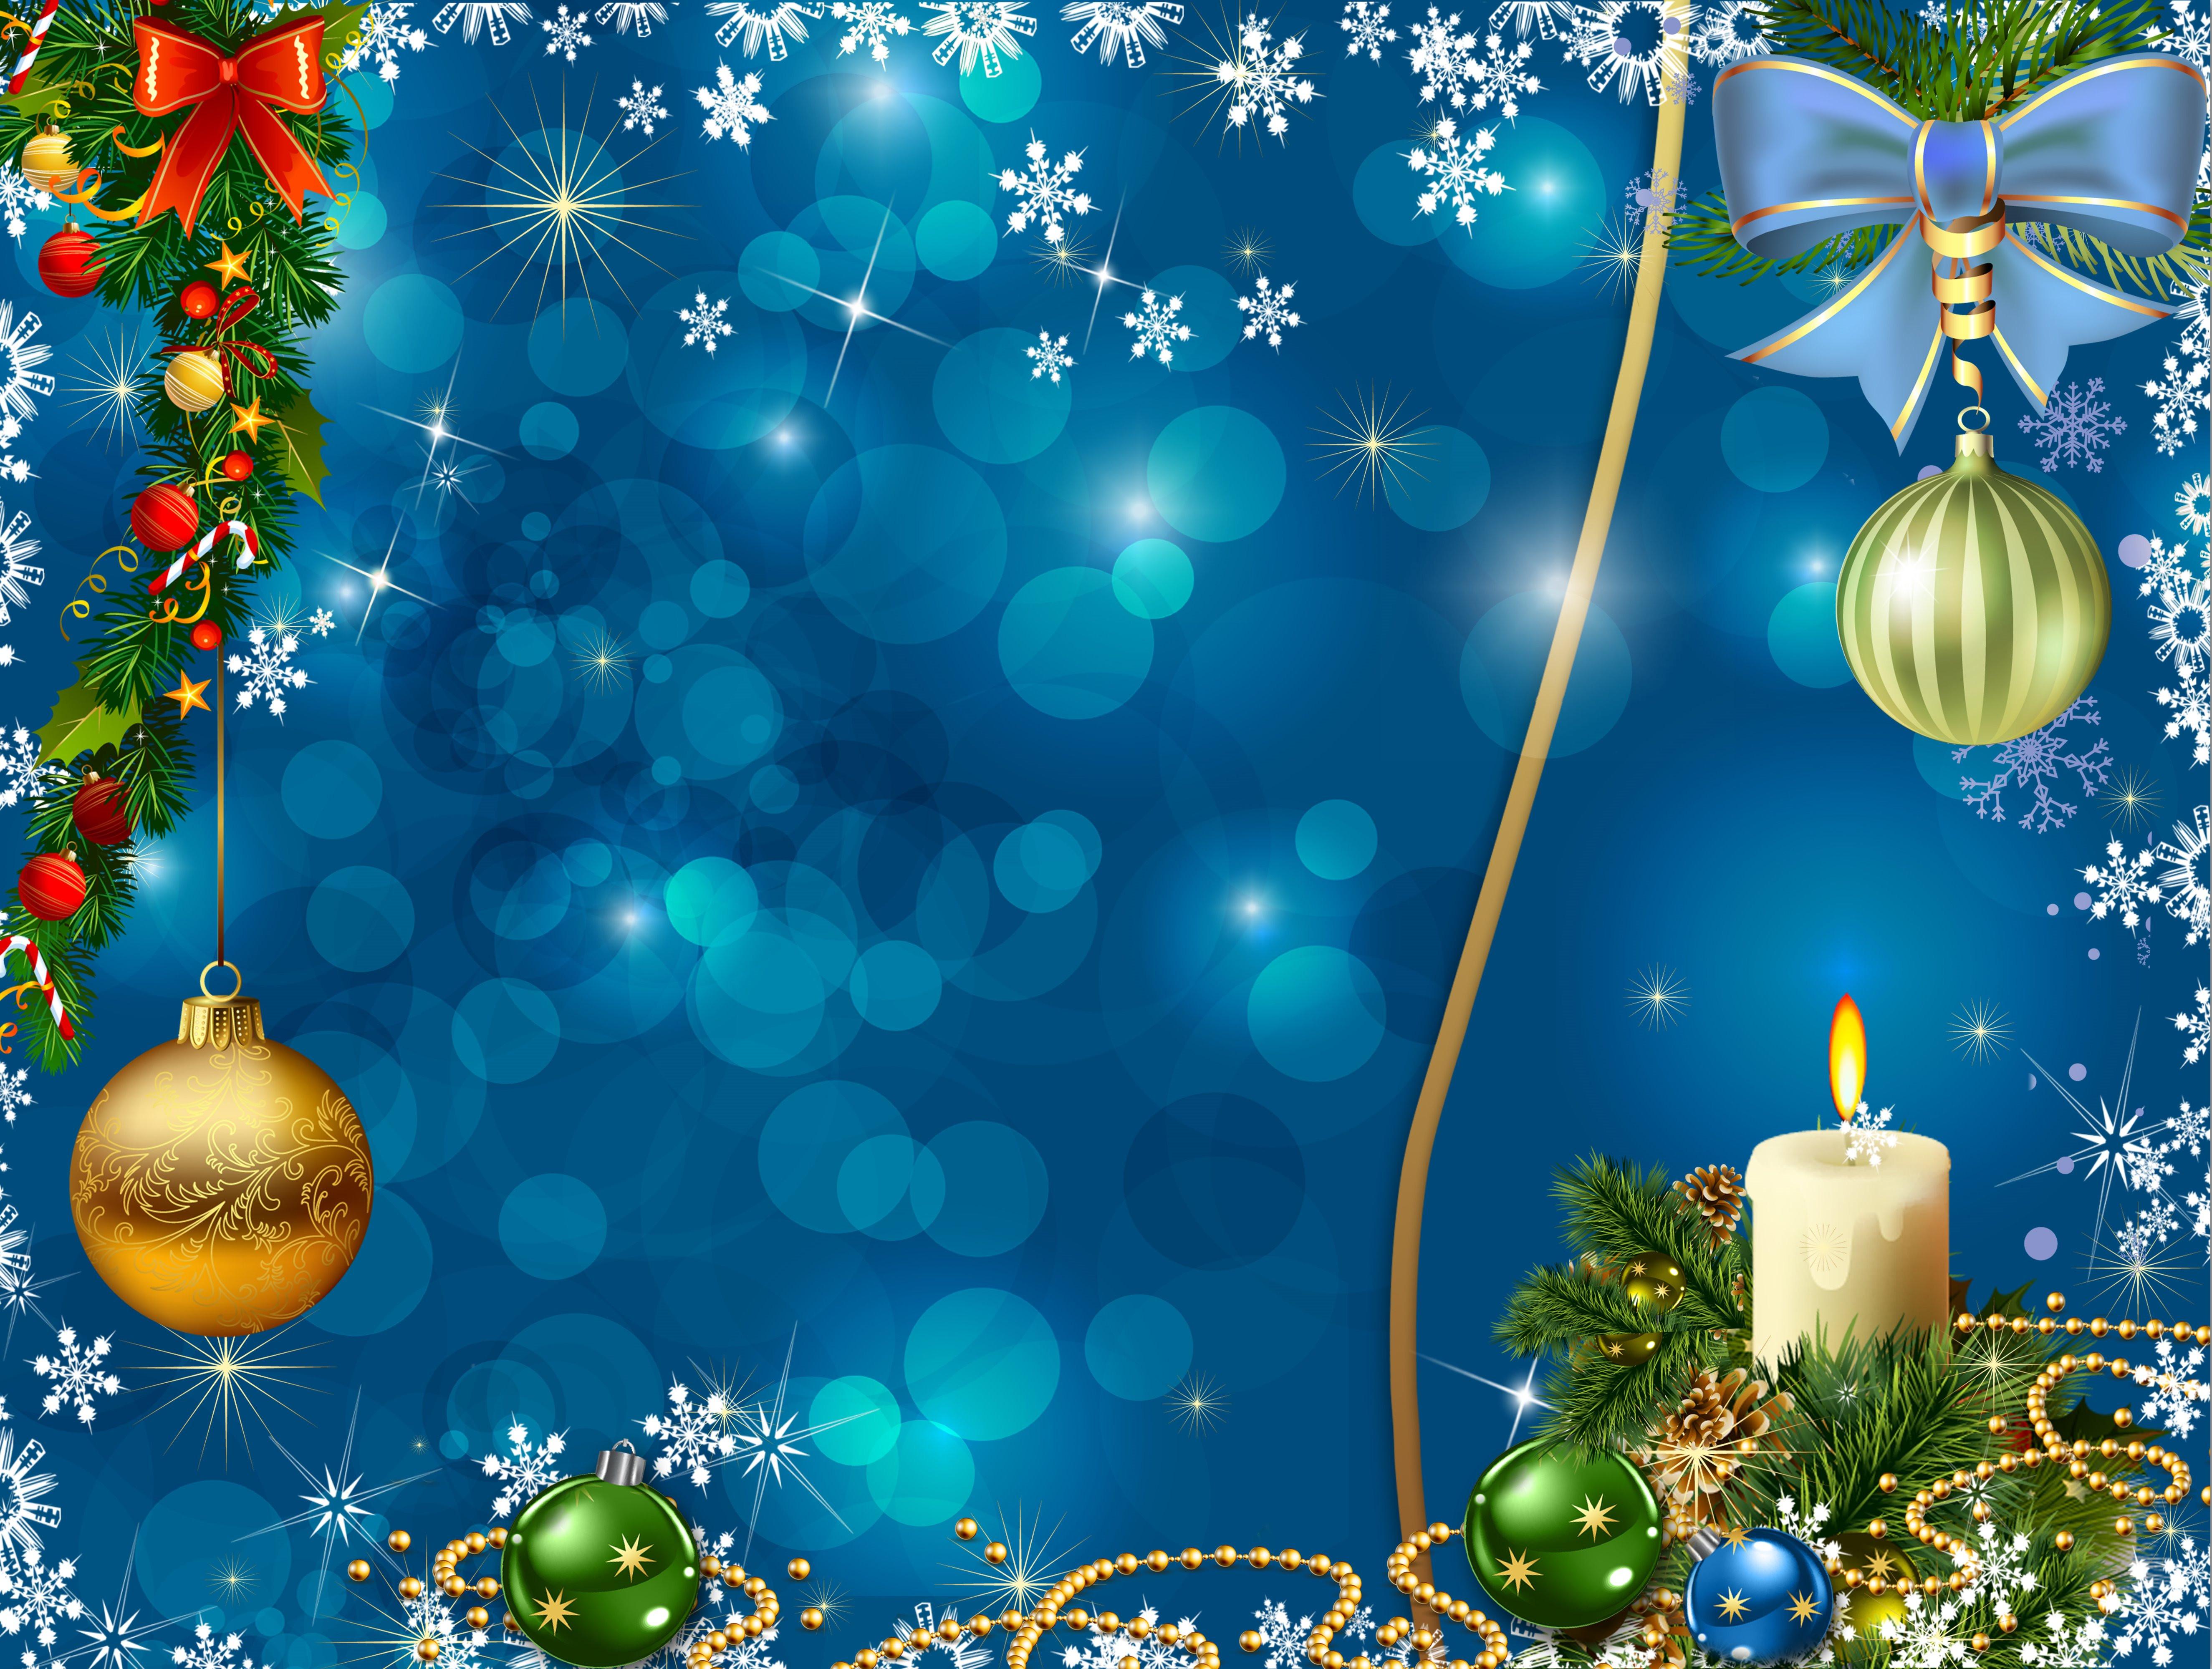 Новогодние открытки на сайте, картинки про месячные